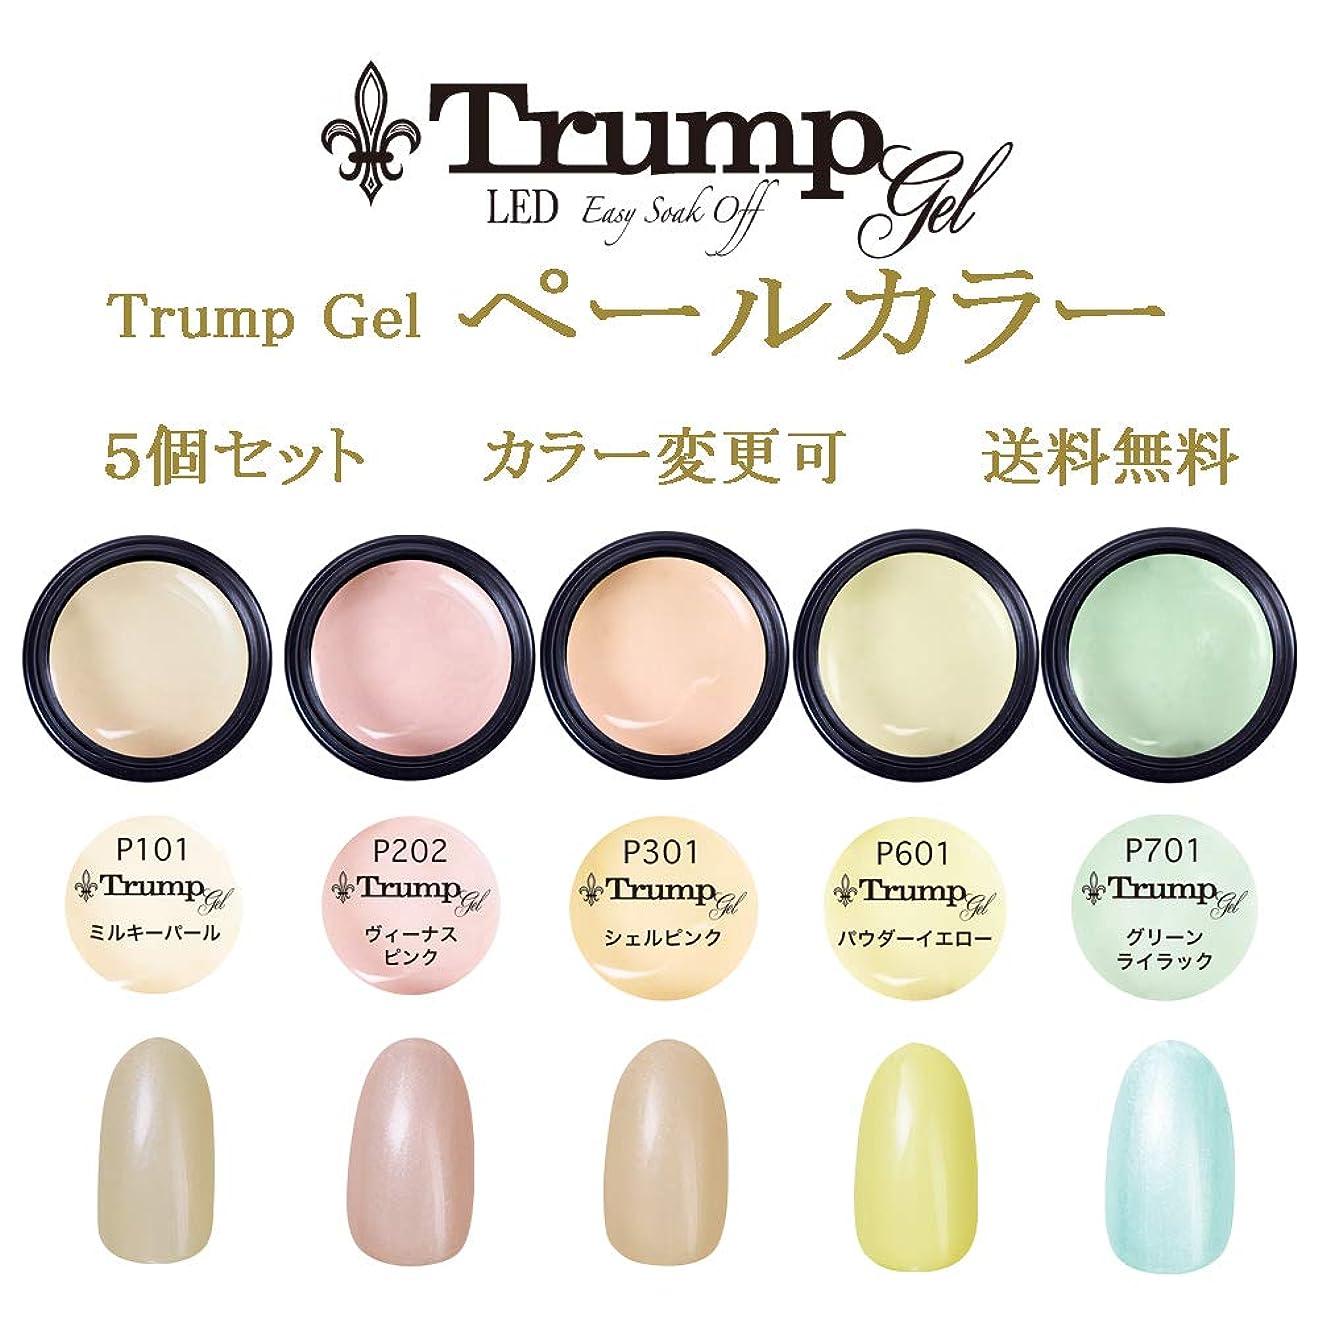 囲い貸す控える日本製 Trump gel トランプジェル ペールカラー 選べる カラージェル 5個セット パール イエロー ベージュ ピンク ブルー